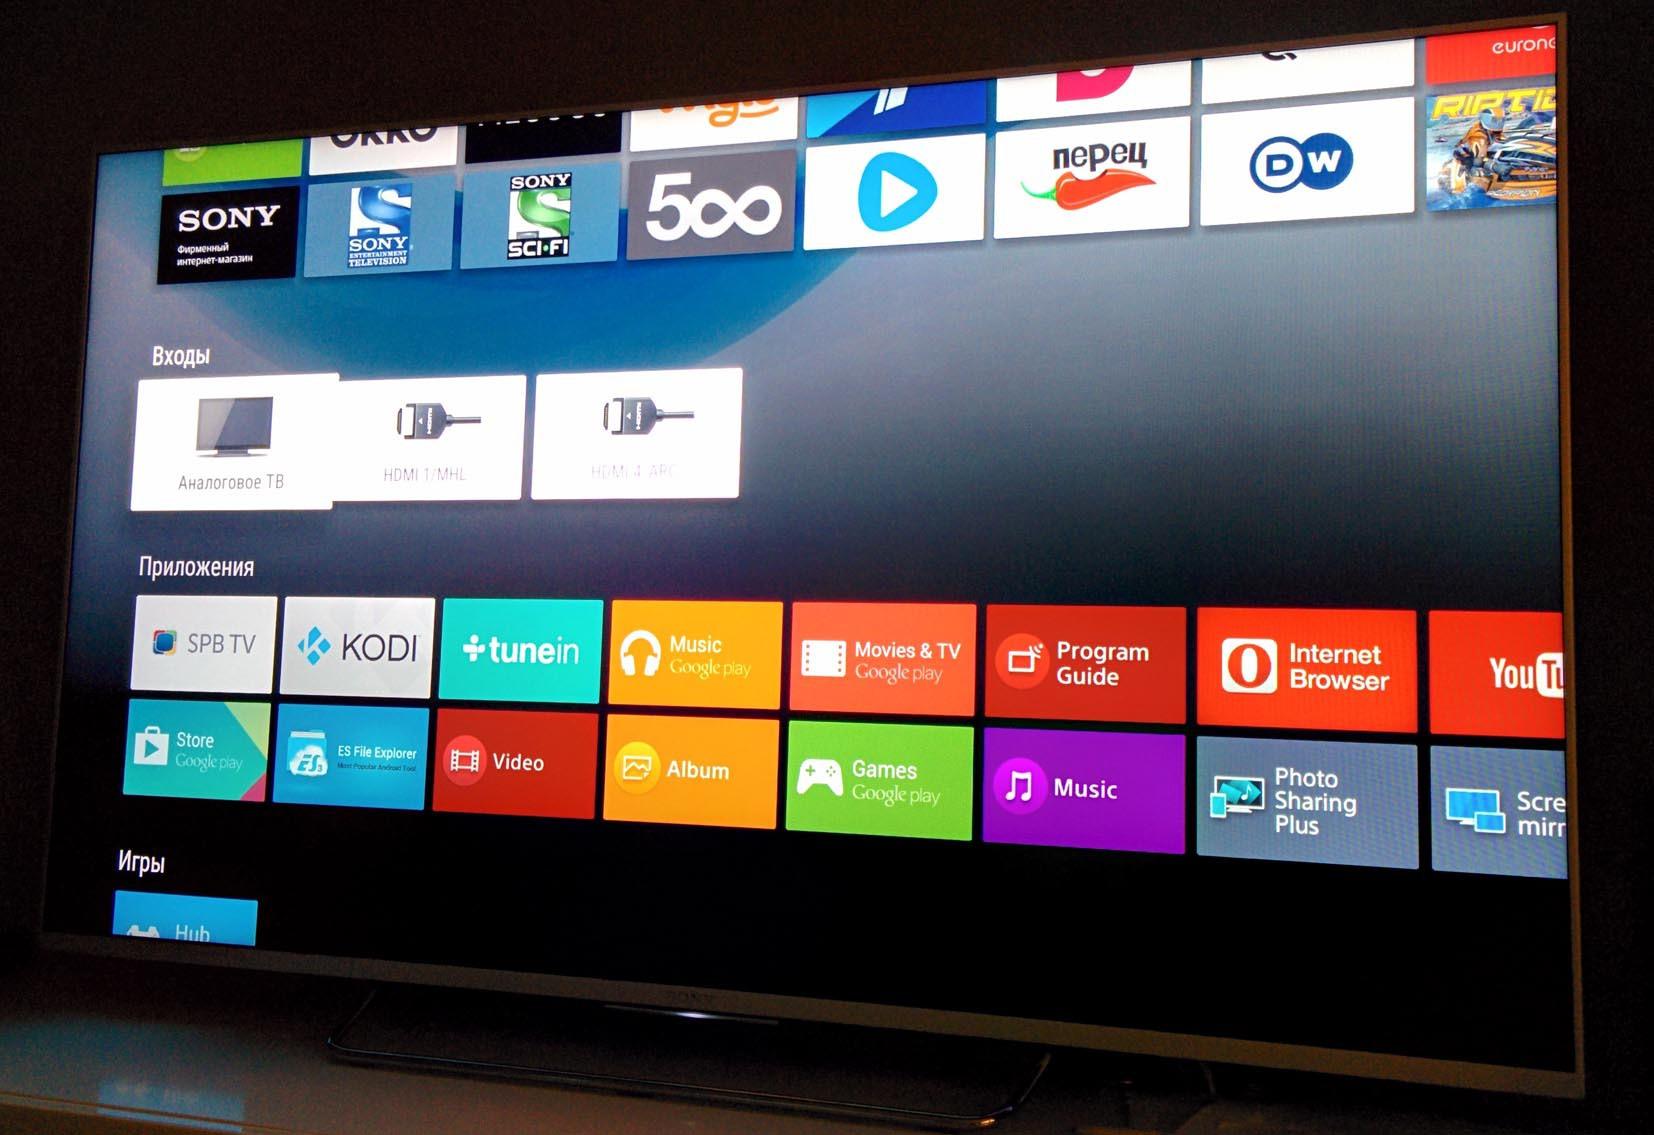 Обзор true Android TV на примере Sony 55w807c - 9